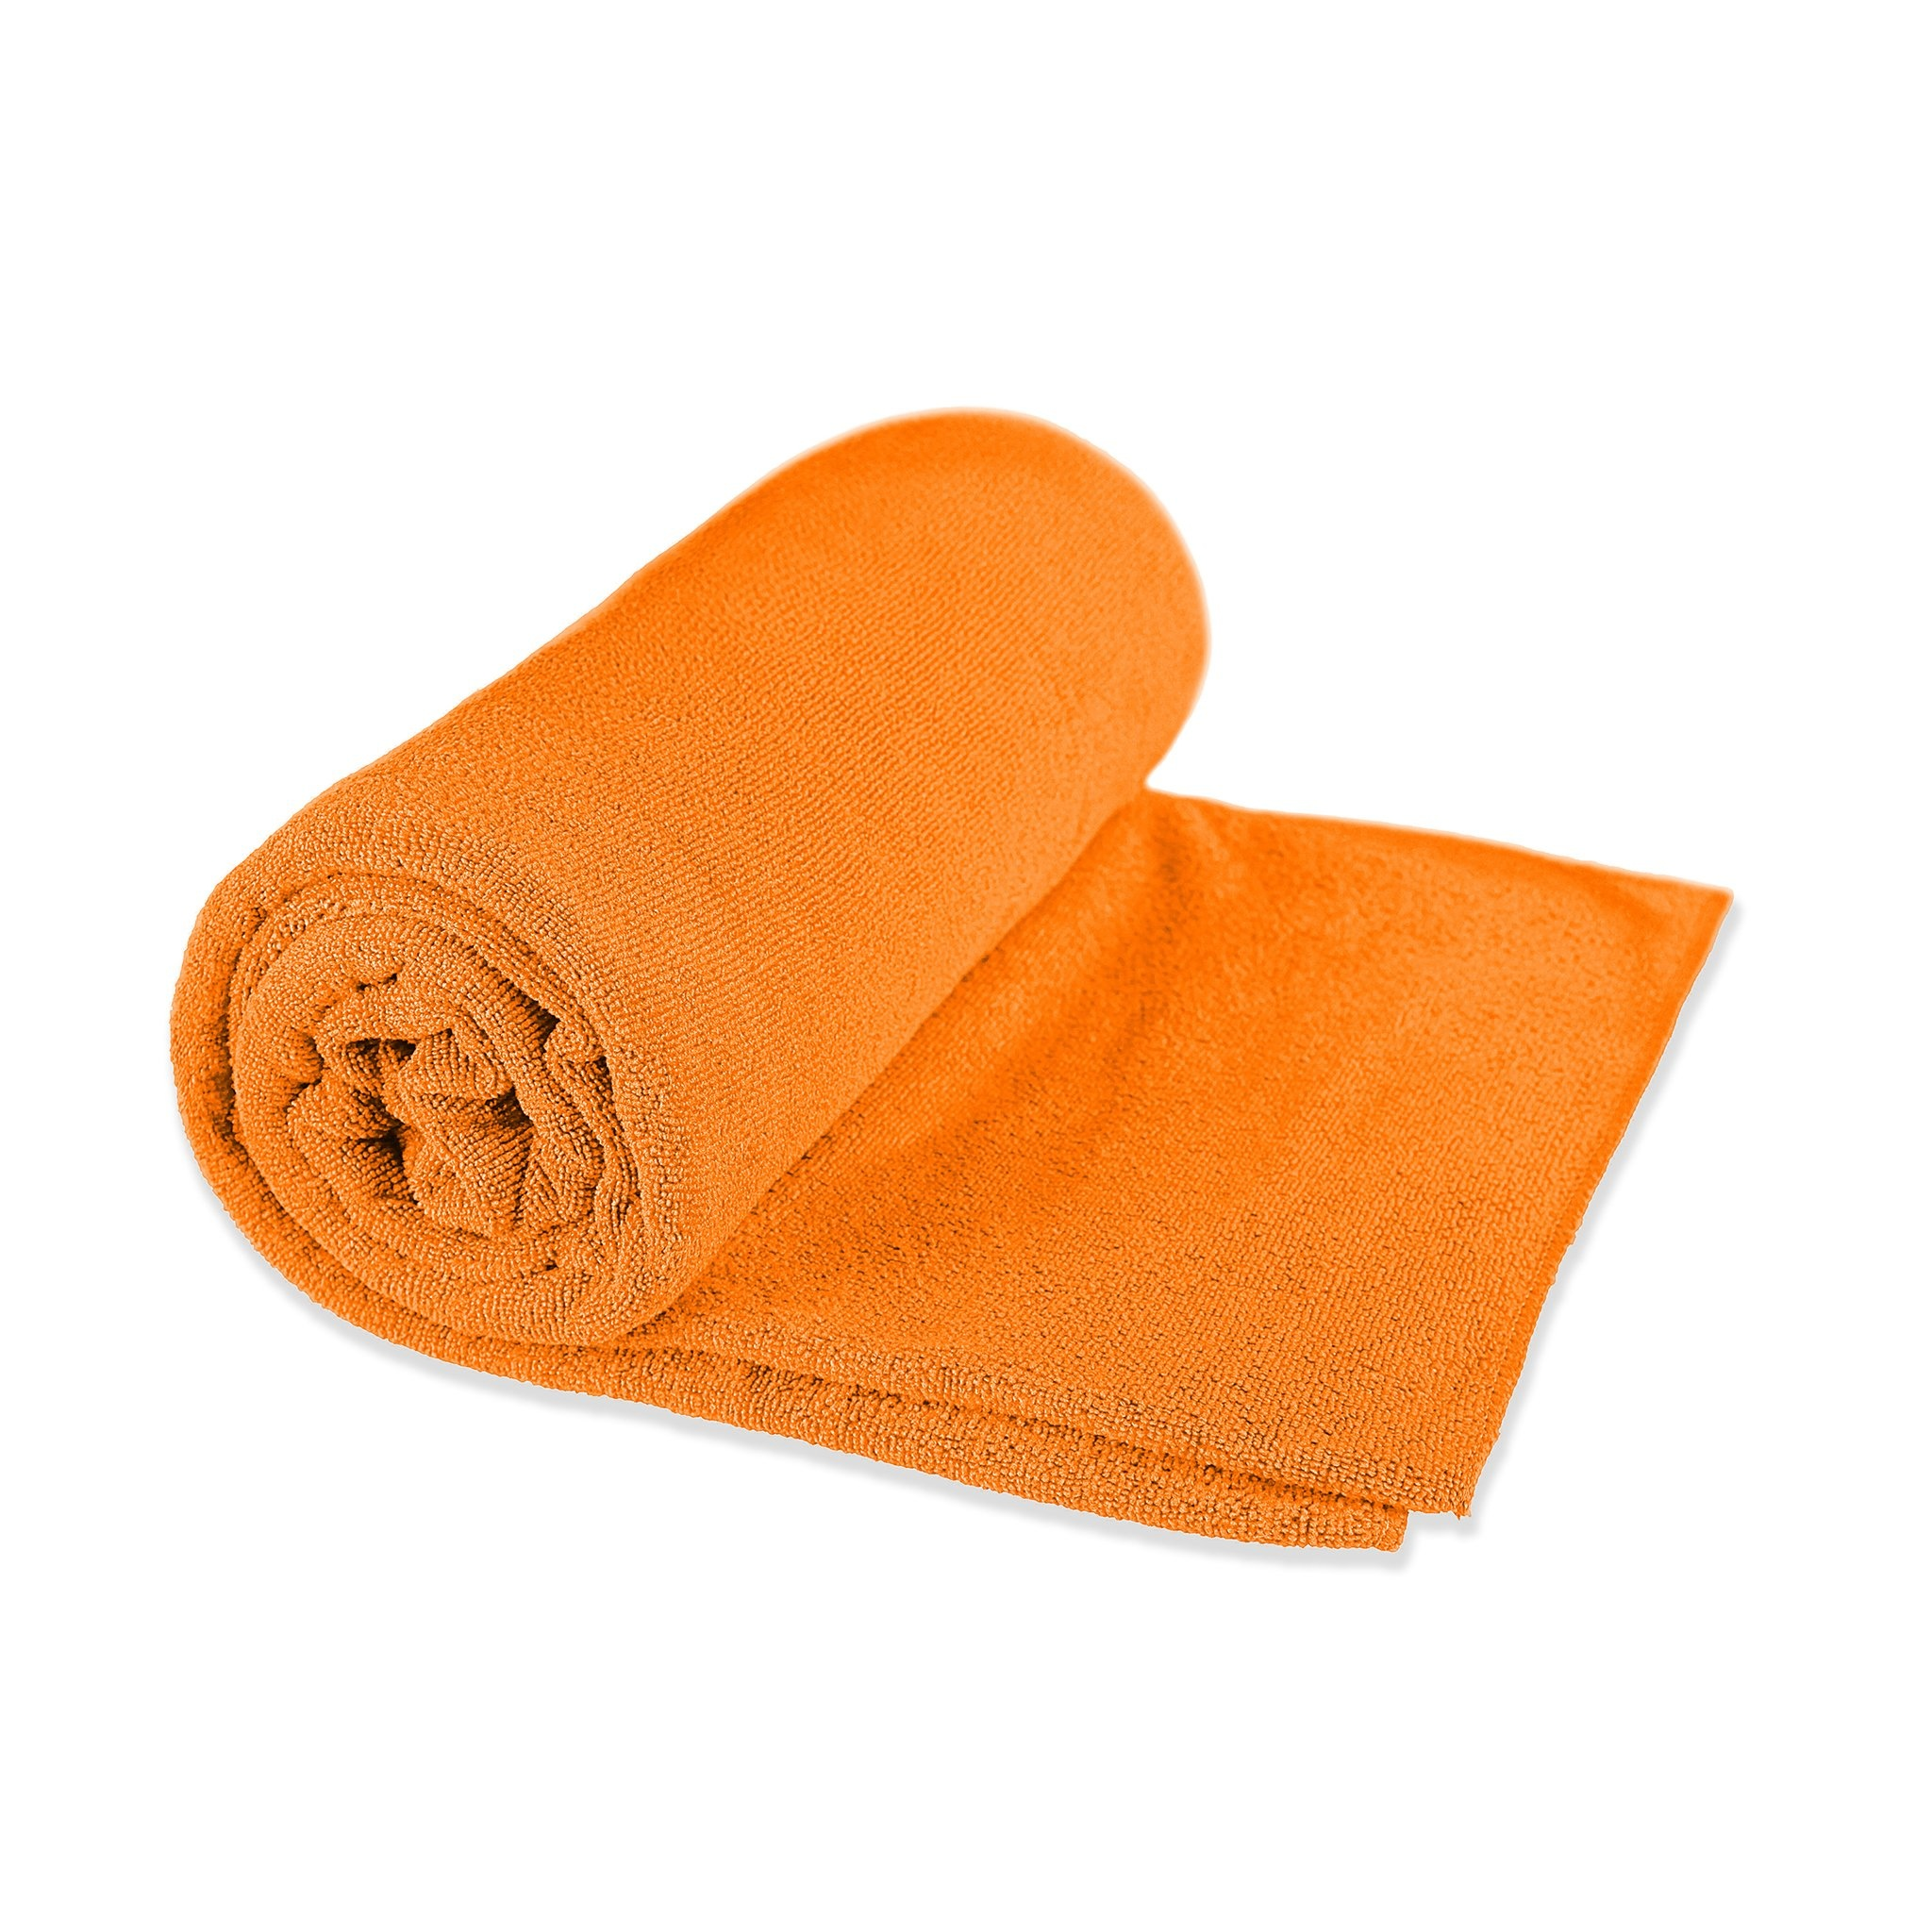 Tek Towel, Medium-5